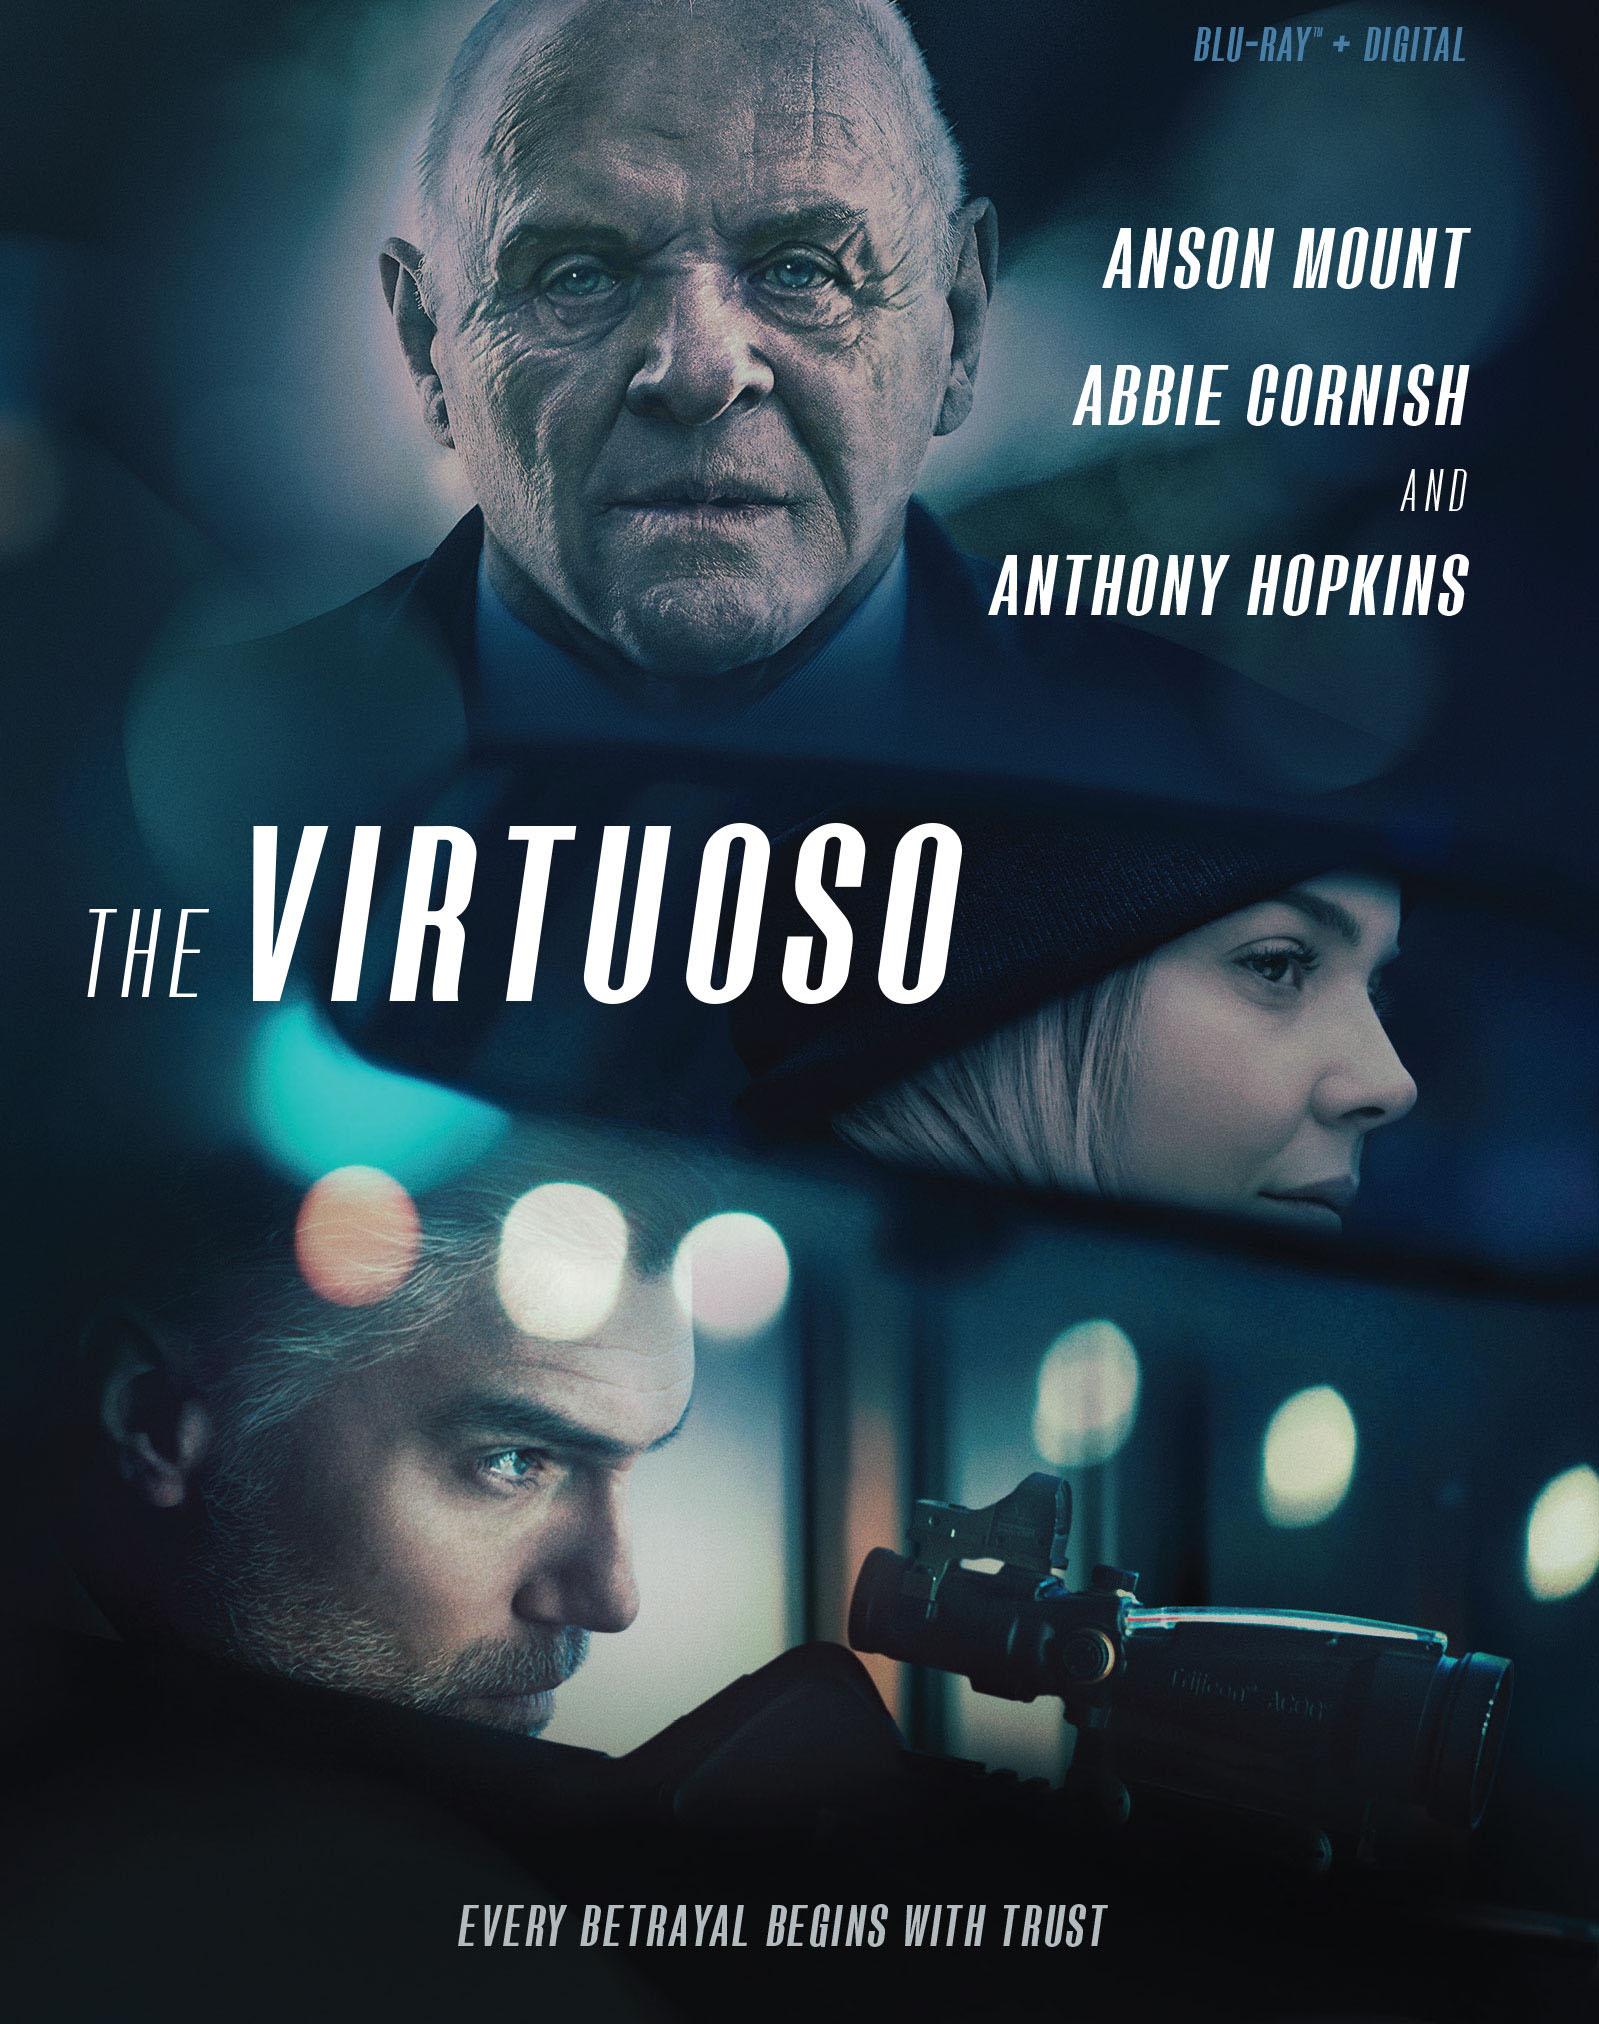 Film Kritik   The Virtuoso ist ein vorhersehbarer und langweiliger Thriller